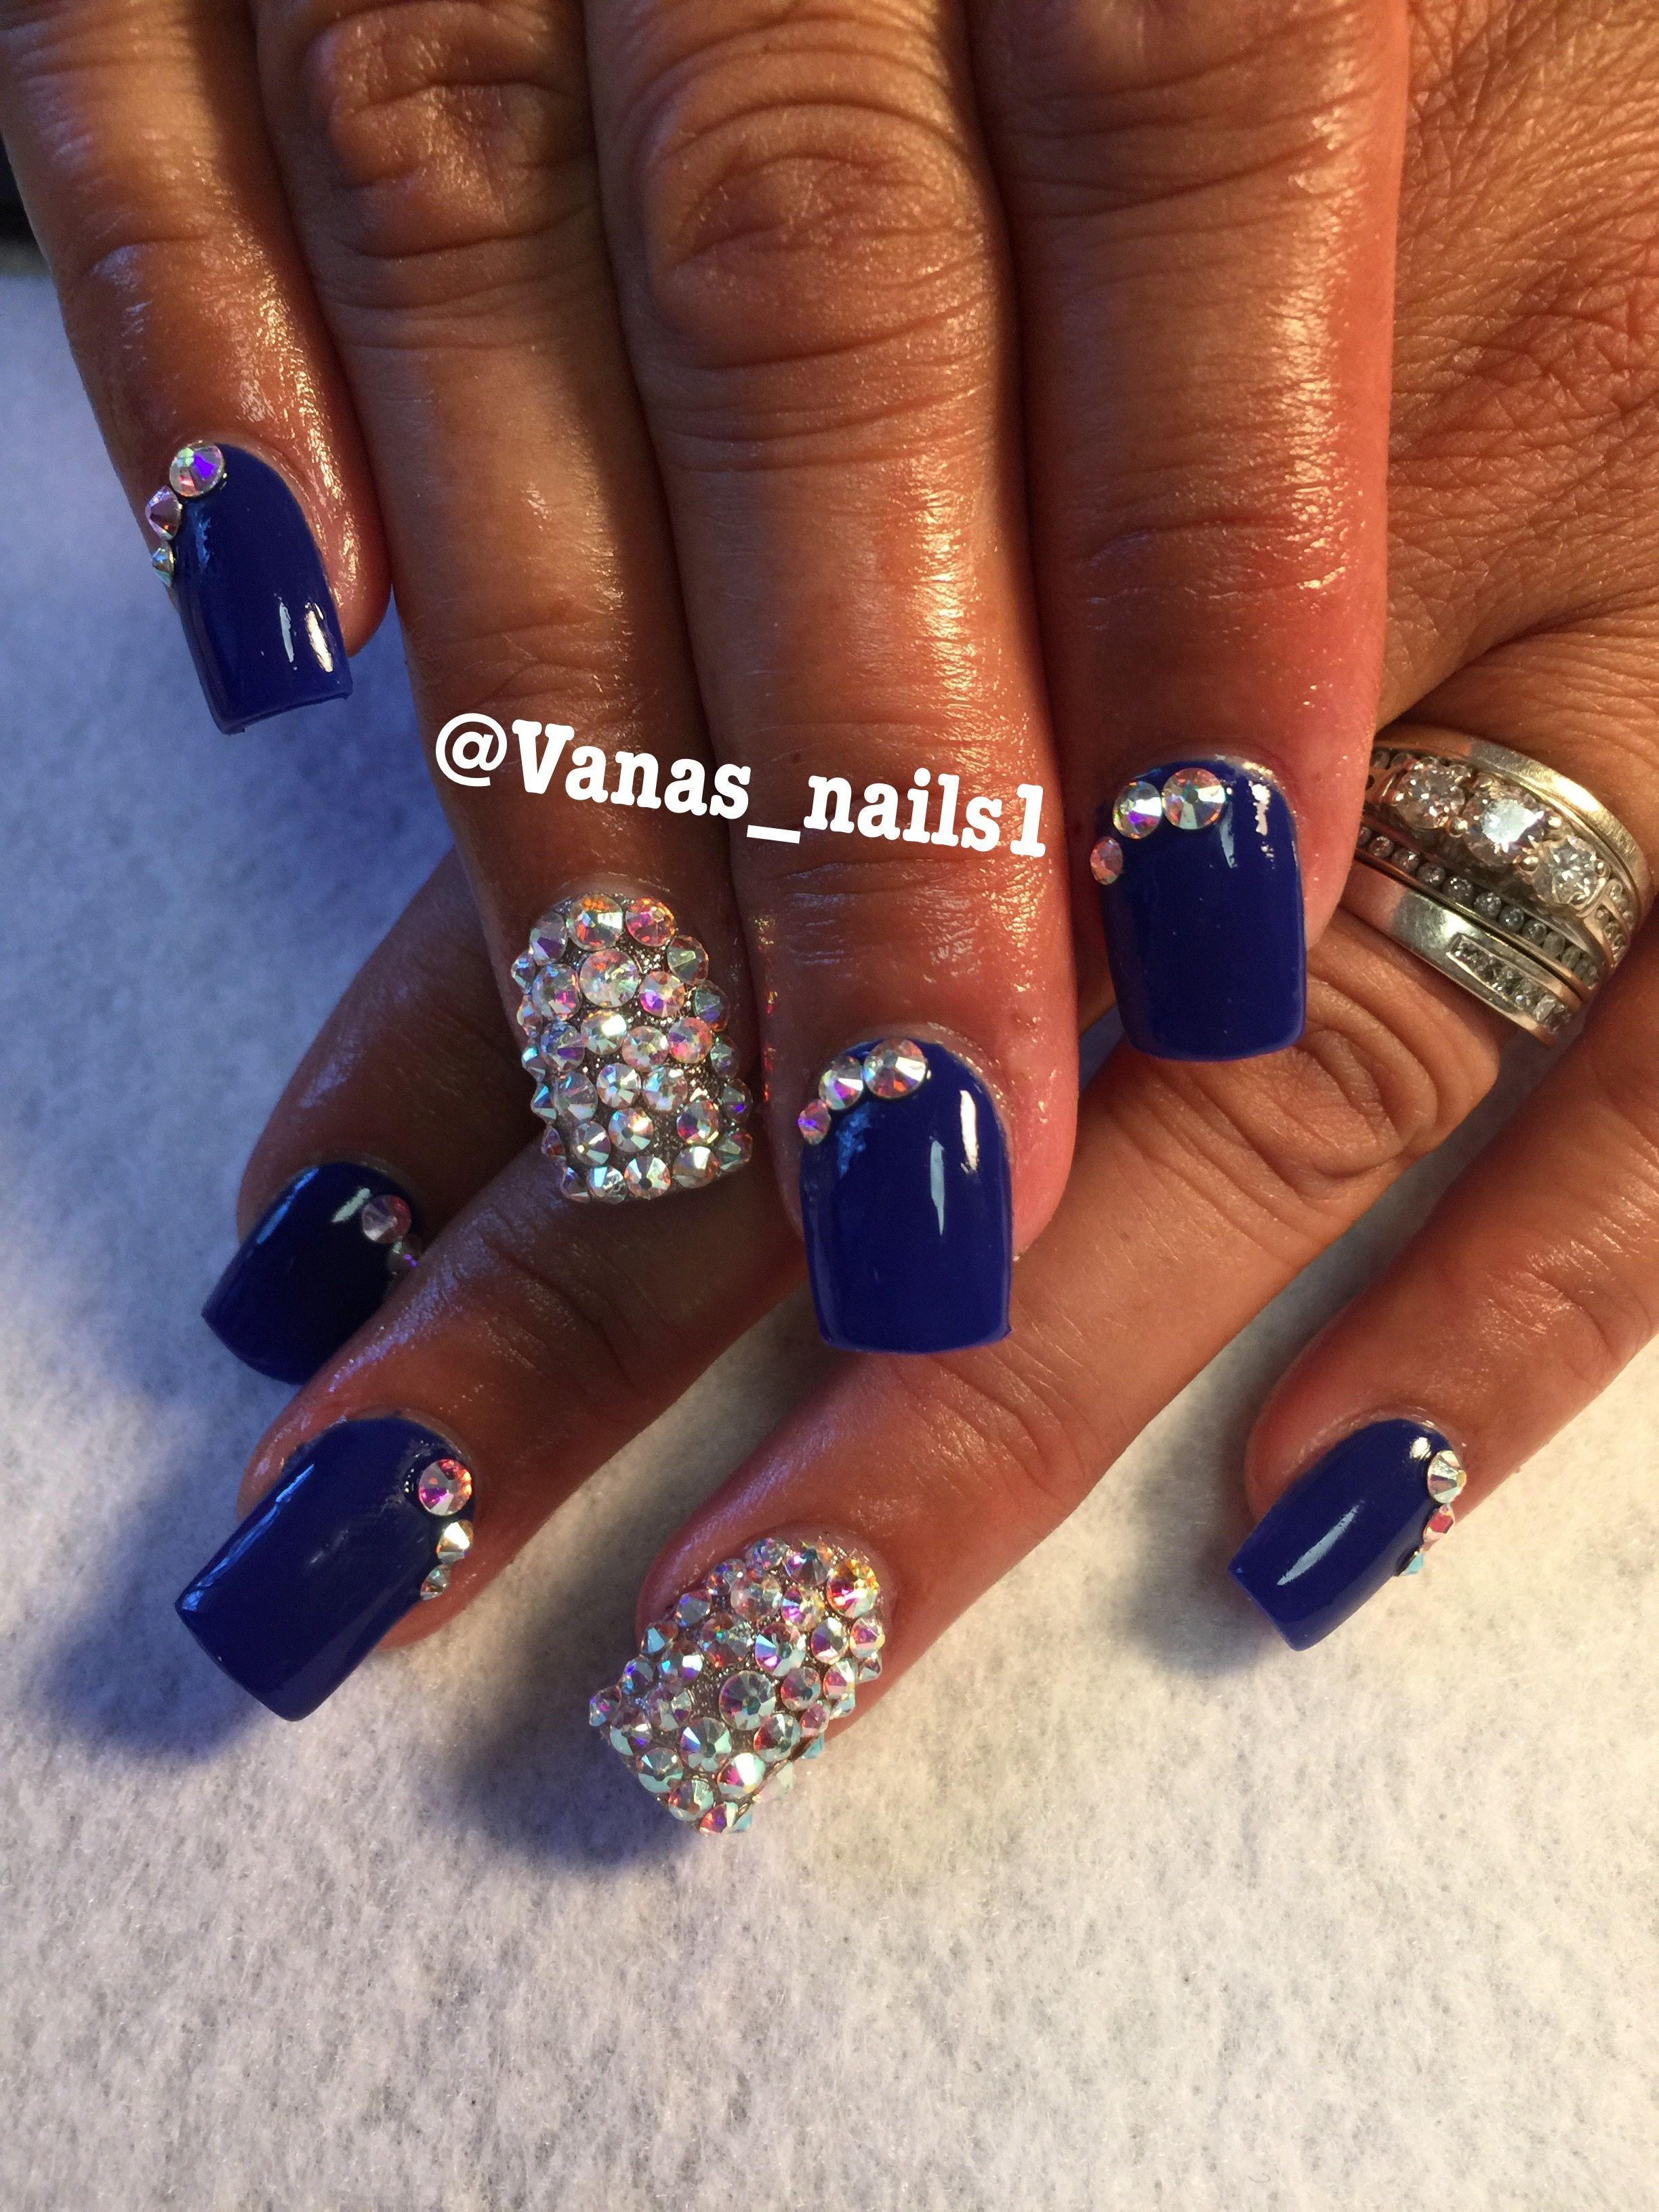 Royal blue acrylic nails Uñas acrílicas azul rey | Vana\'s nails ...